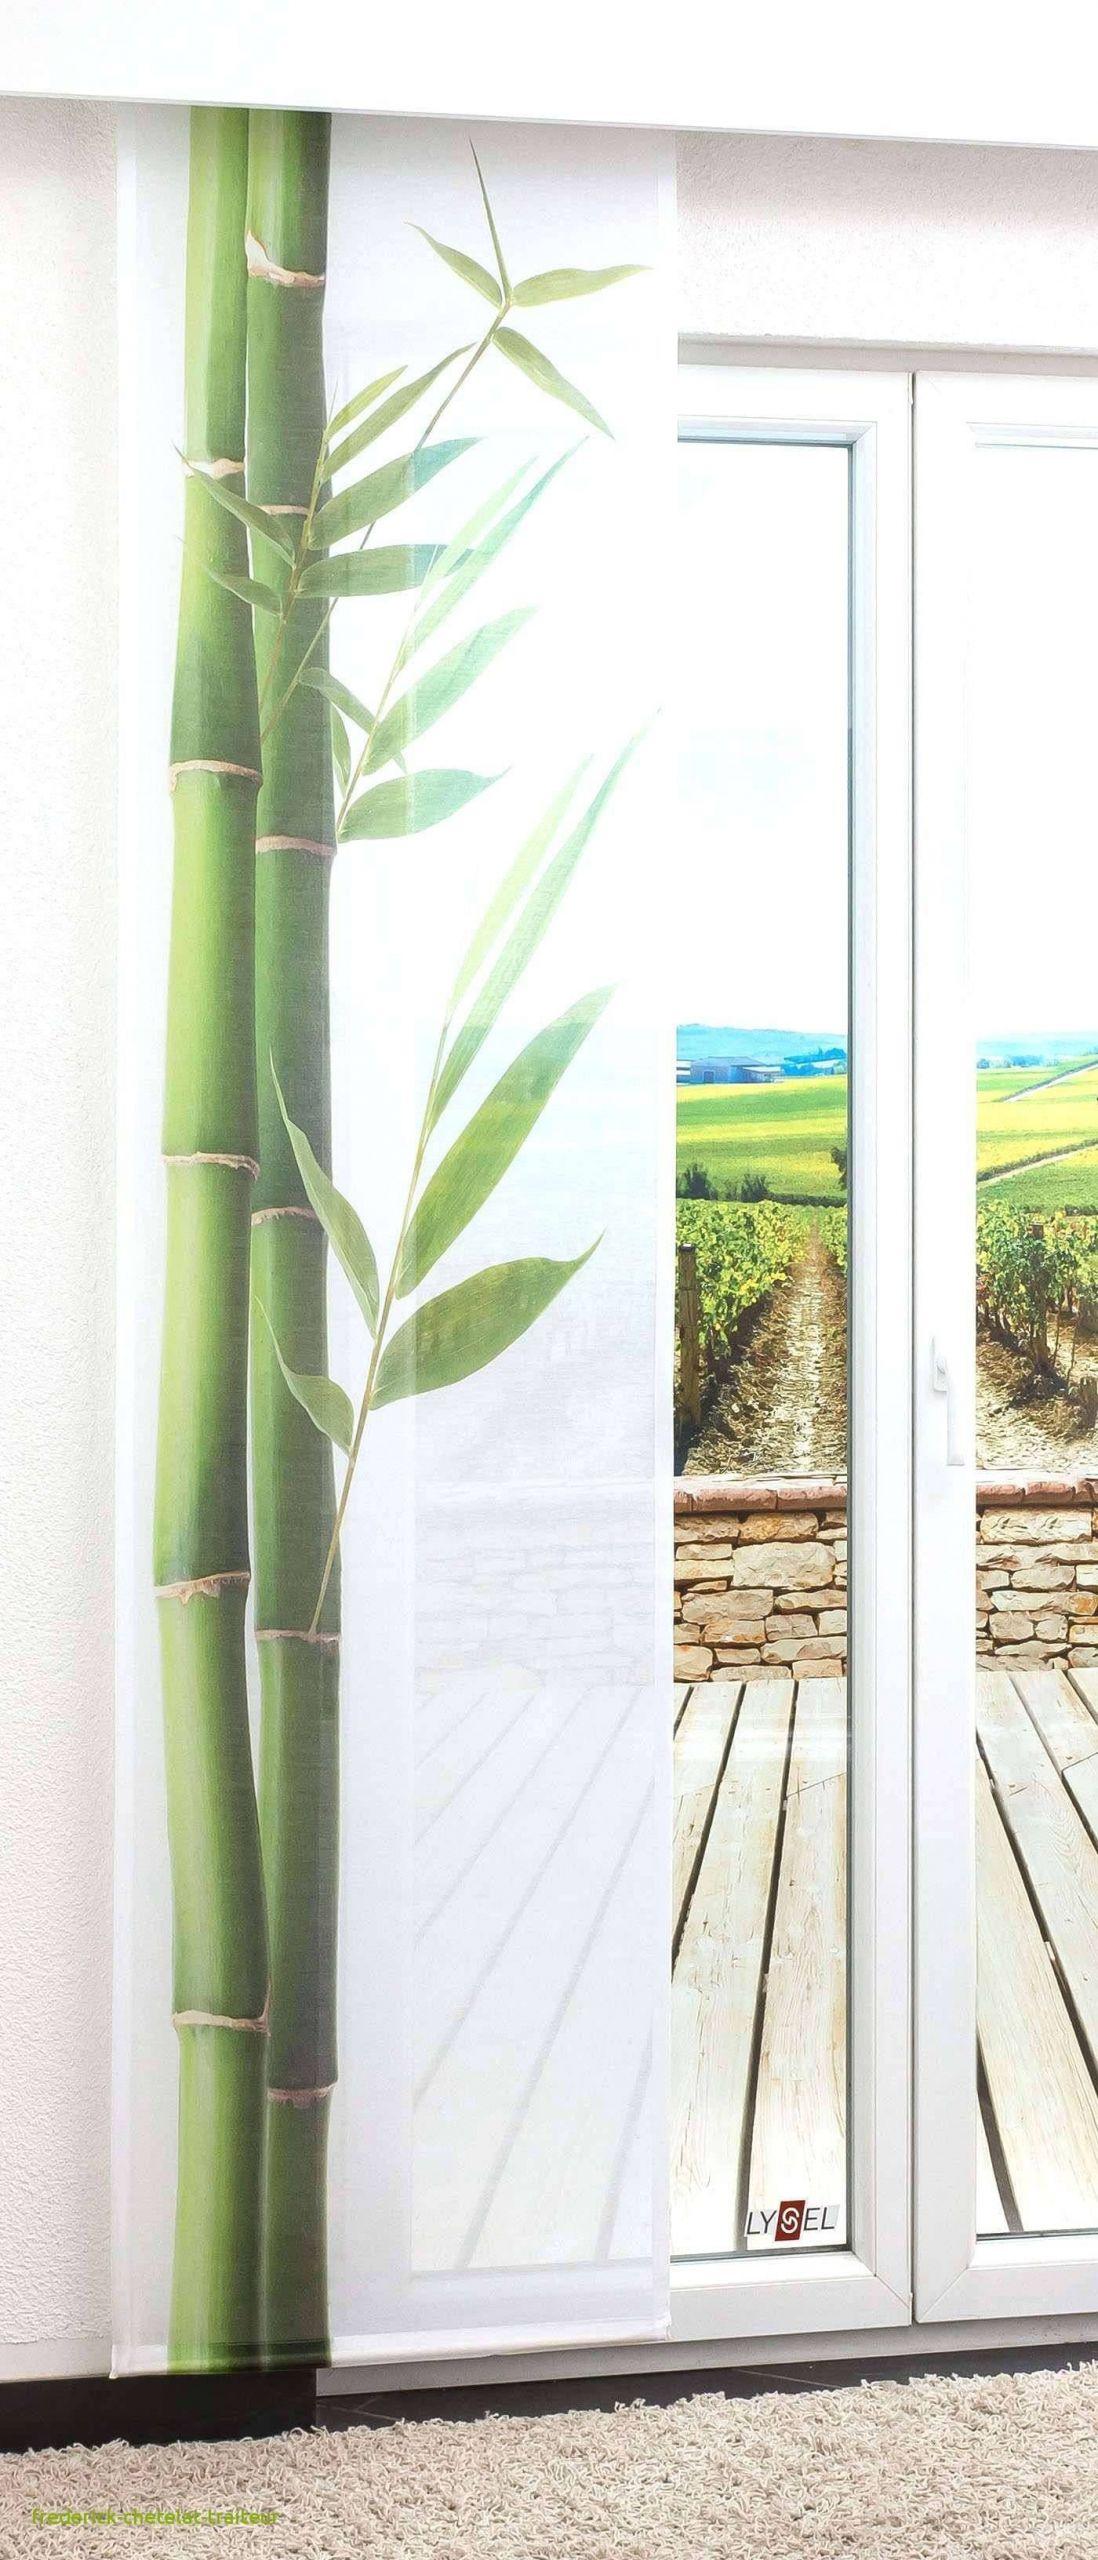 Deko Ideen Für Den Garten Luxus Best Deko Für Wohnzimmer Ecken Inspirations